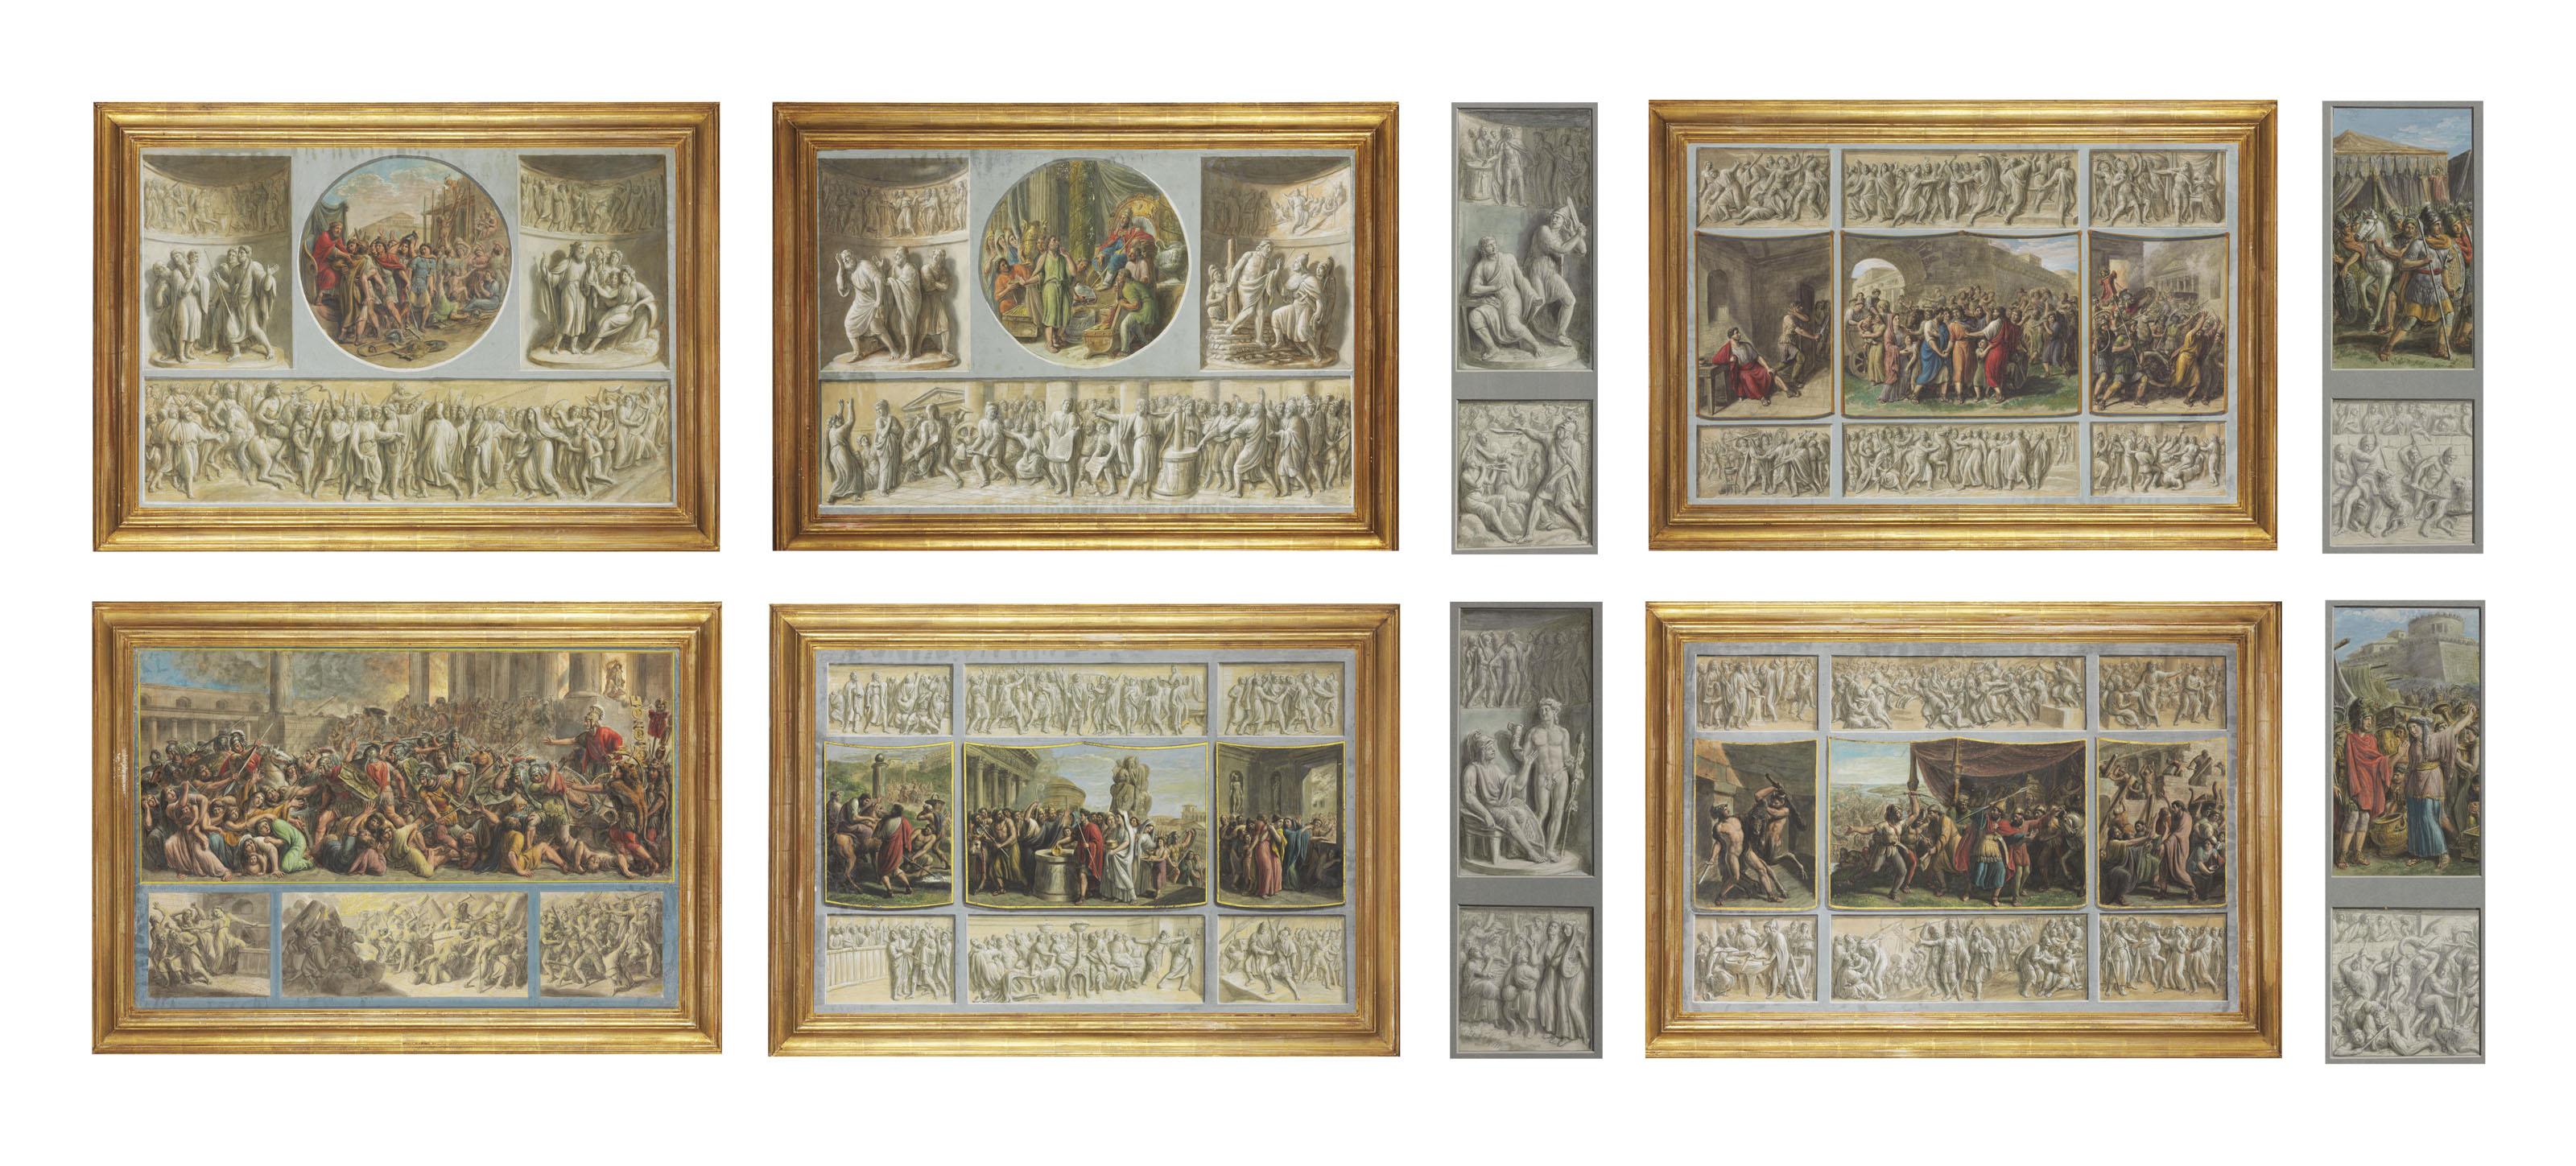 Ten scenes after the Antique with trompe l'oeil bas-relief friezes